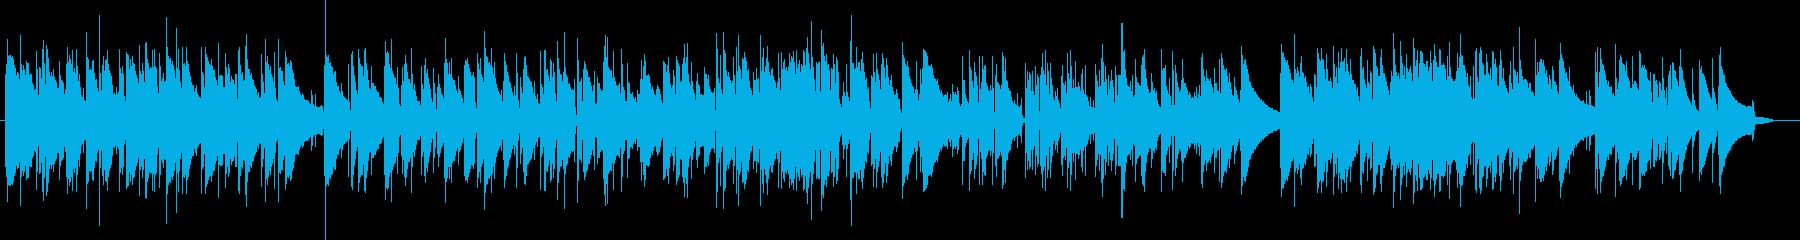 唱歌のジャズピアノの再生済みの波形